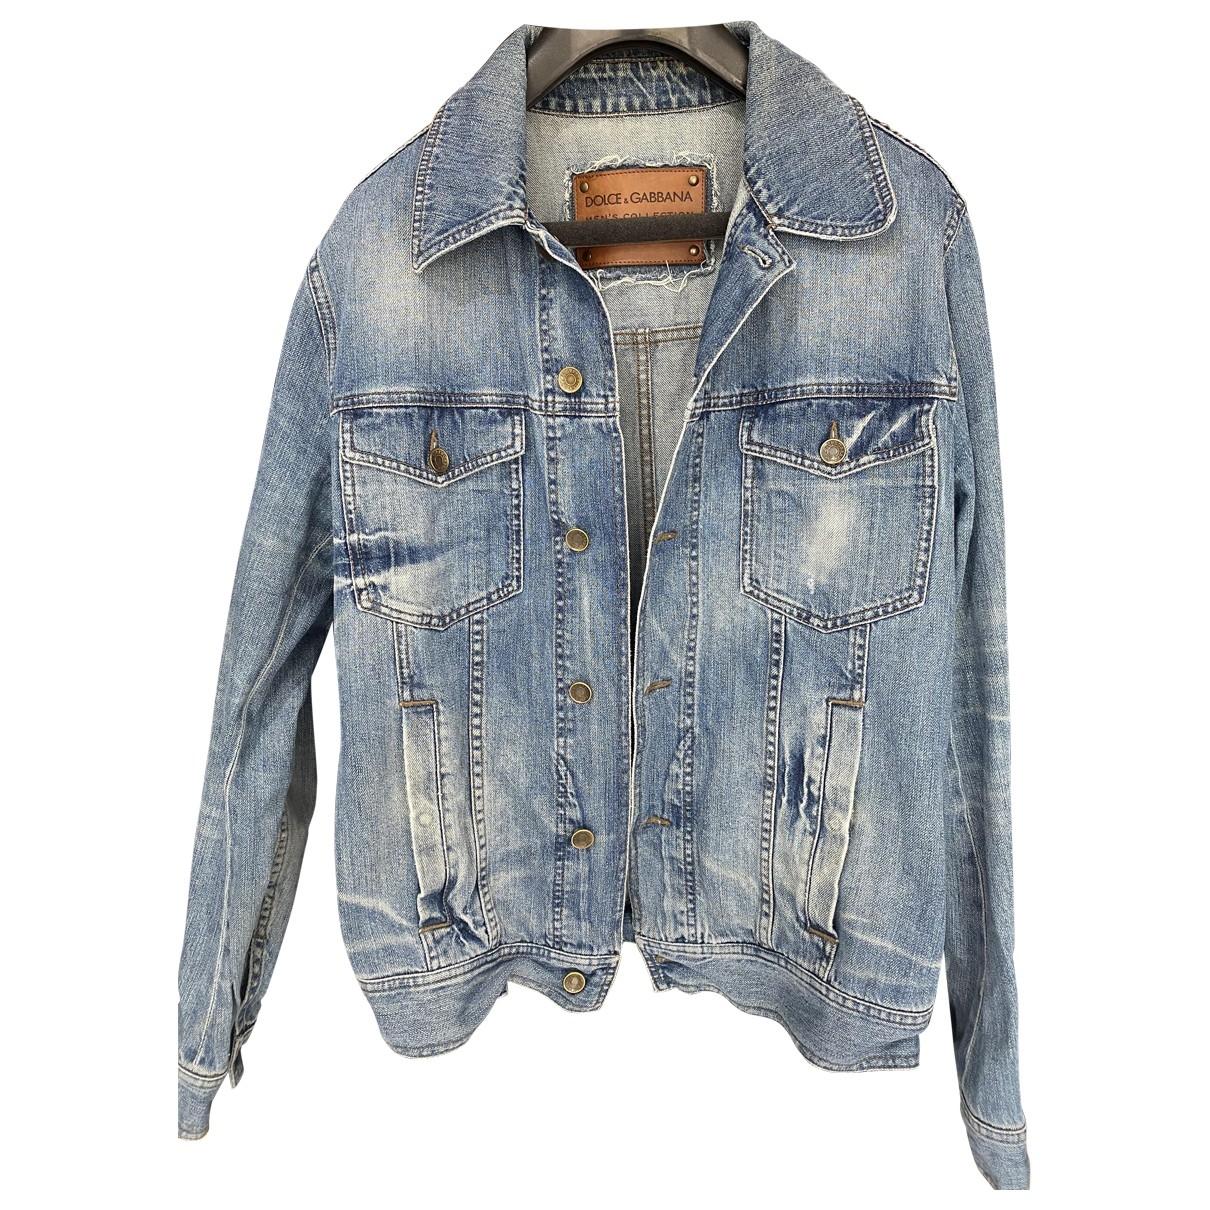 Dolce & Gabbana \N Jacke in  Blau Denim - Jeans